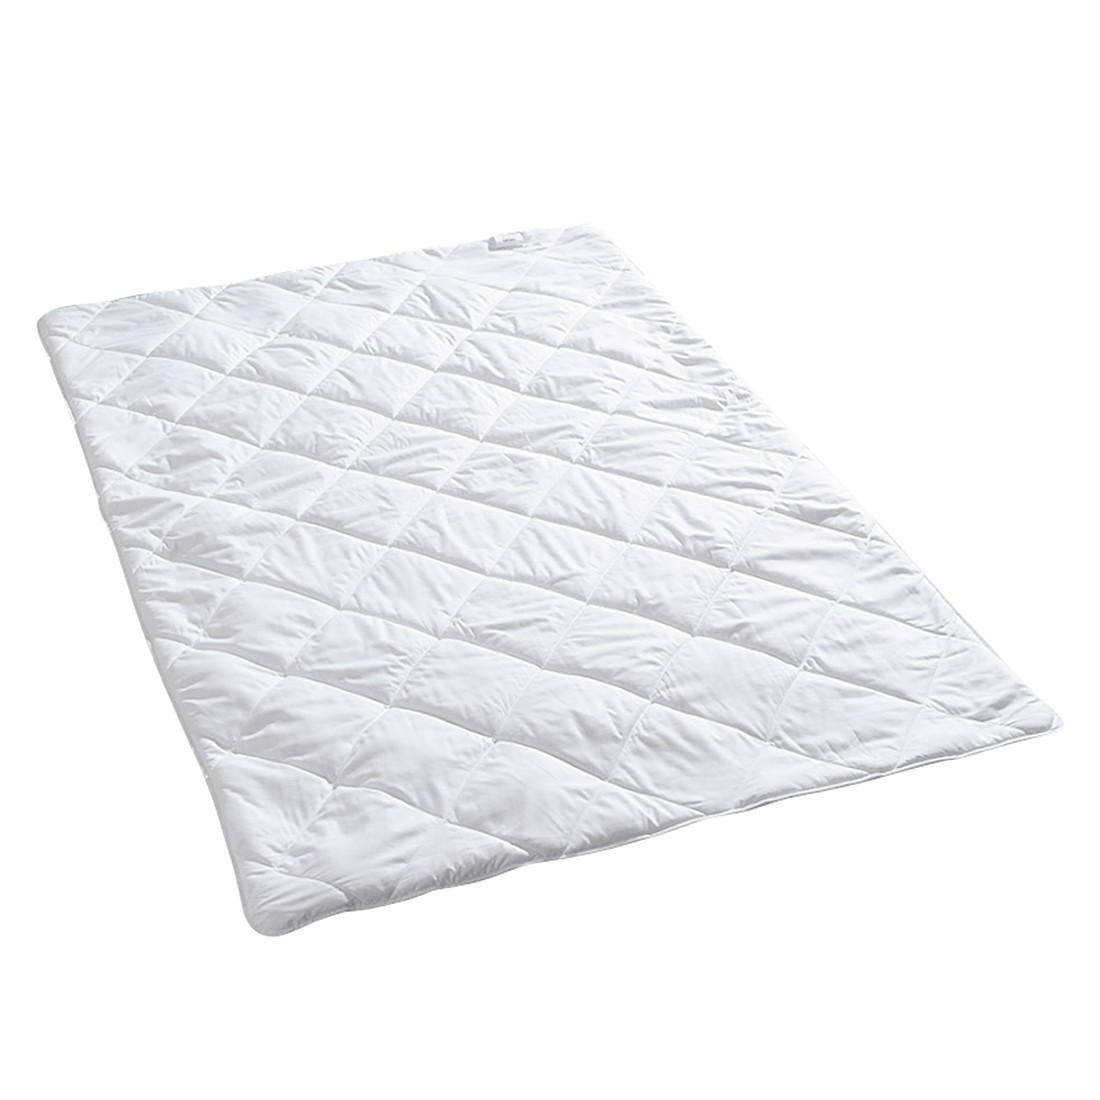 Bettwaren-Shop Einziehdecke Allergovita – 100% Polyester Weiß – Ausführung 160×210 cm, Bettwaren-Shop kaufen